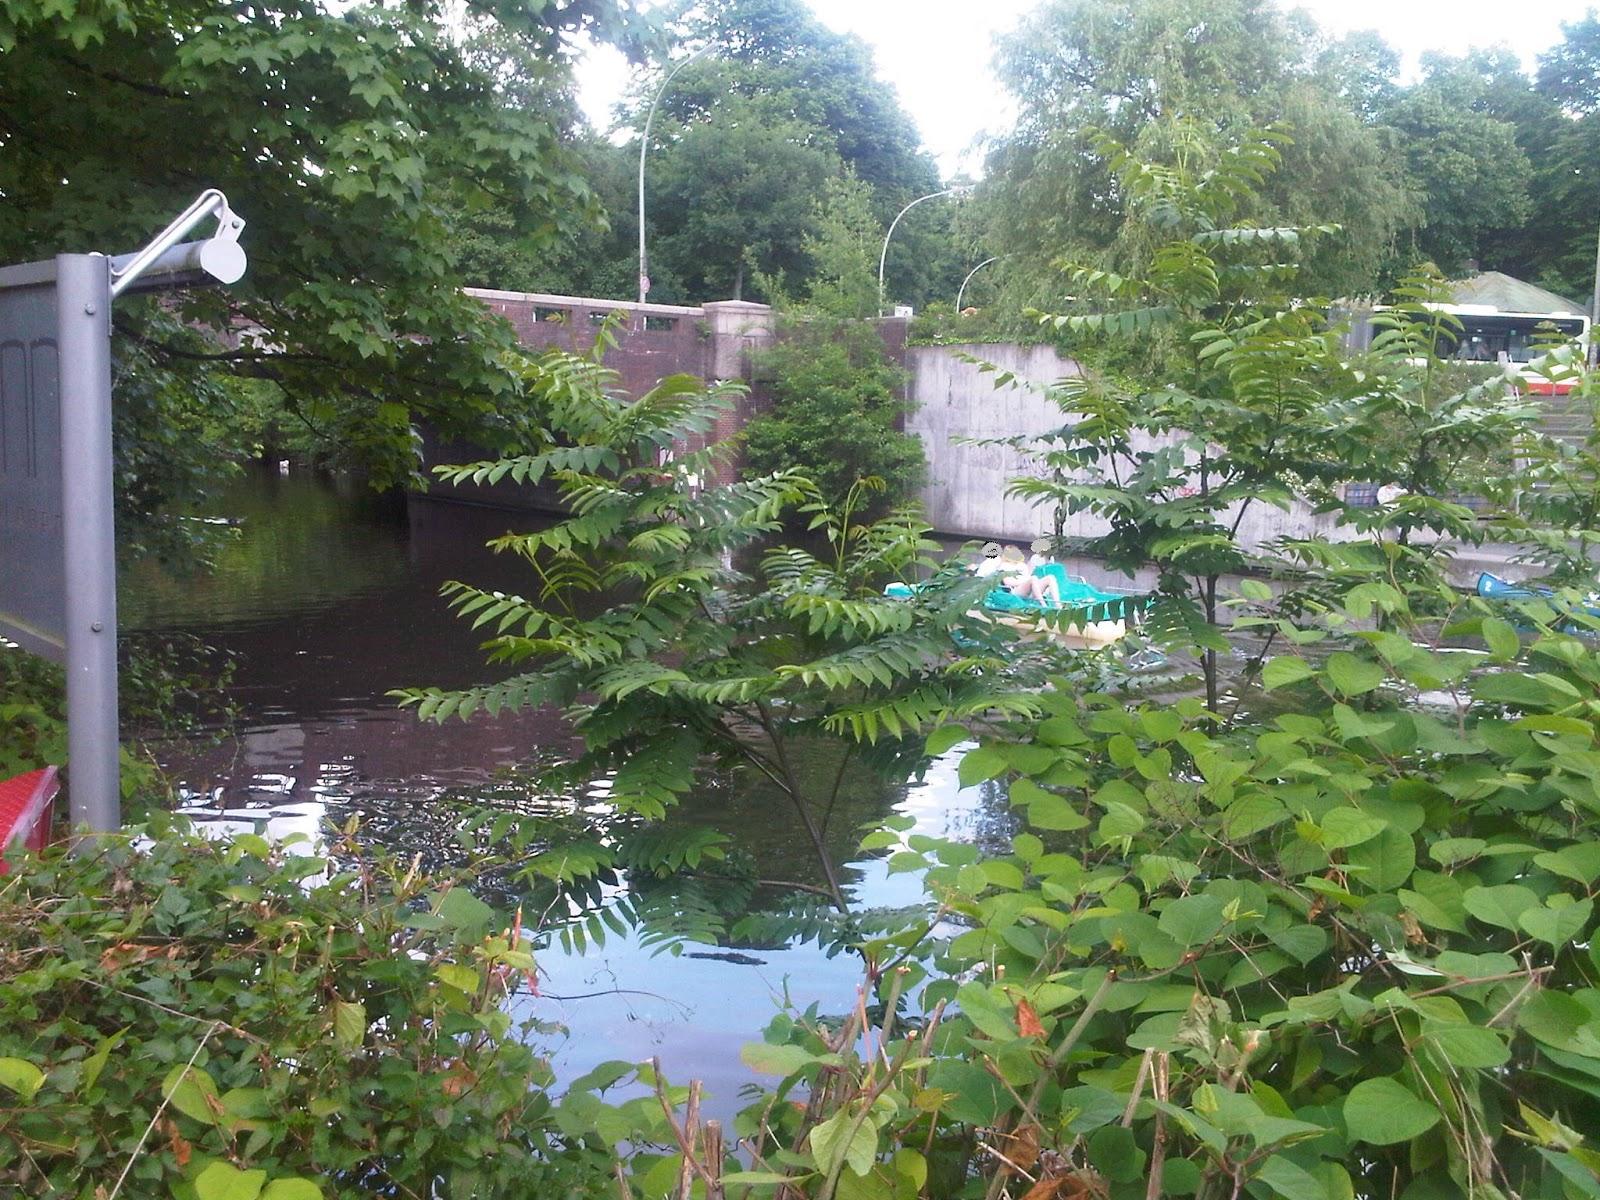 Goldbeckkanal mit Brücke des Moorfuhrtweg und Tretbotfahrer. Wasser, Büsche, Brücke, Tretboot, Lampe am Zaun.